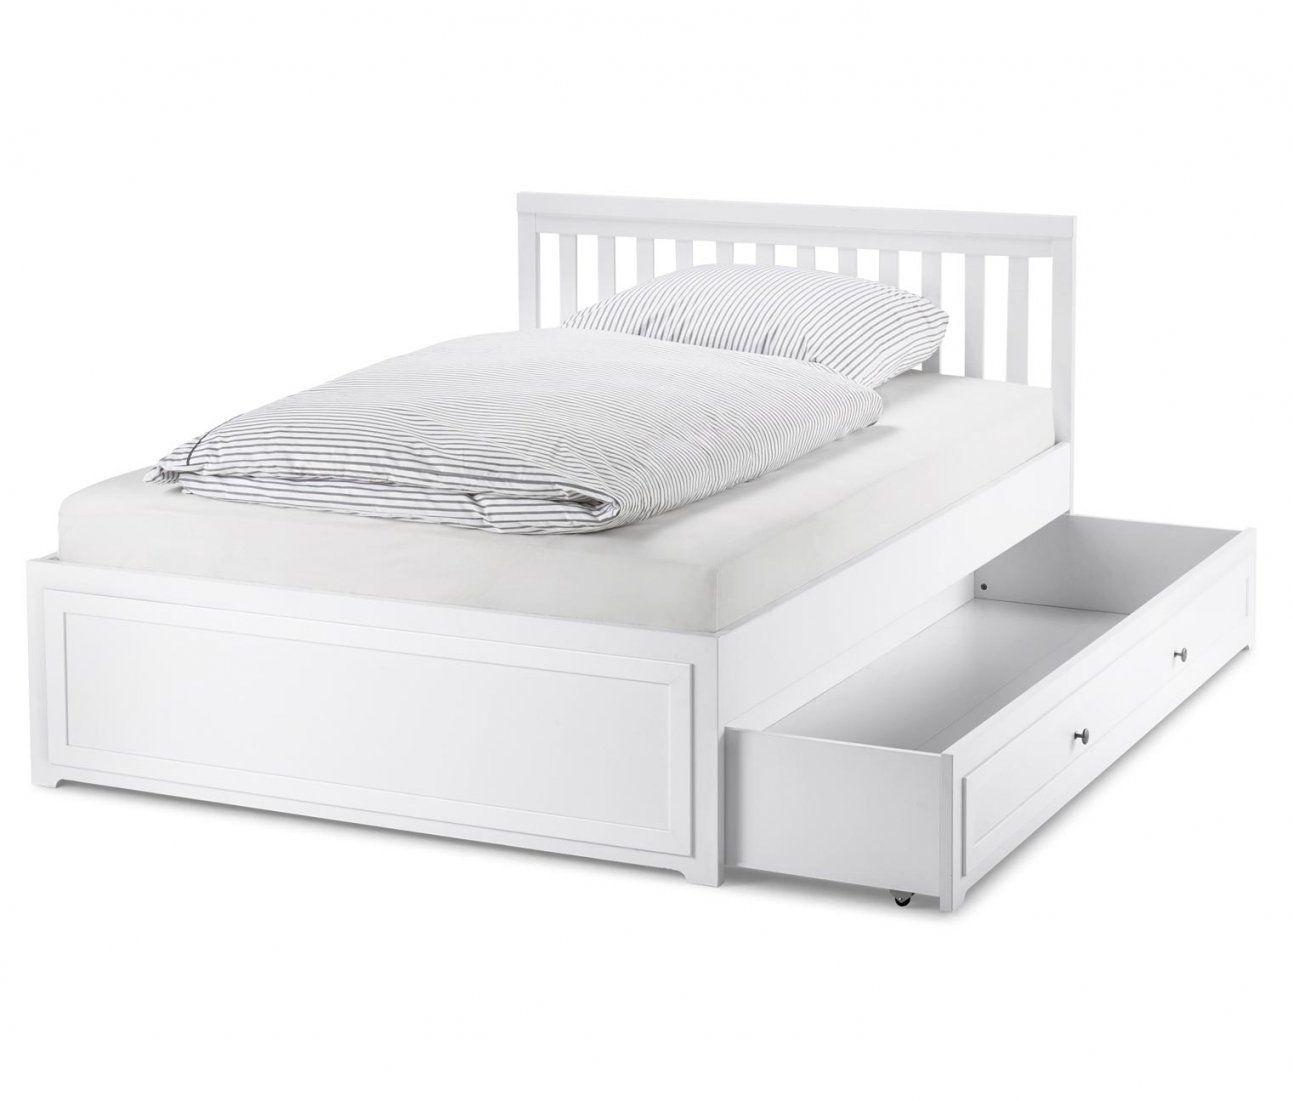 Sprossenbett Mit Stauraumschublade Ca 140 X 200 Cm Online von Bett Mit Aufbewahrung 140X200 Bild